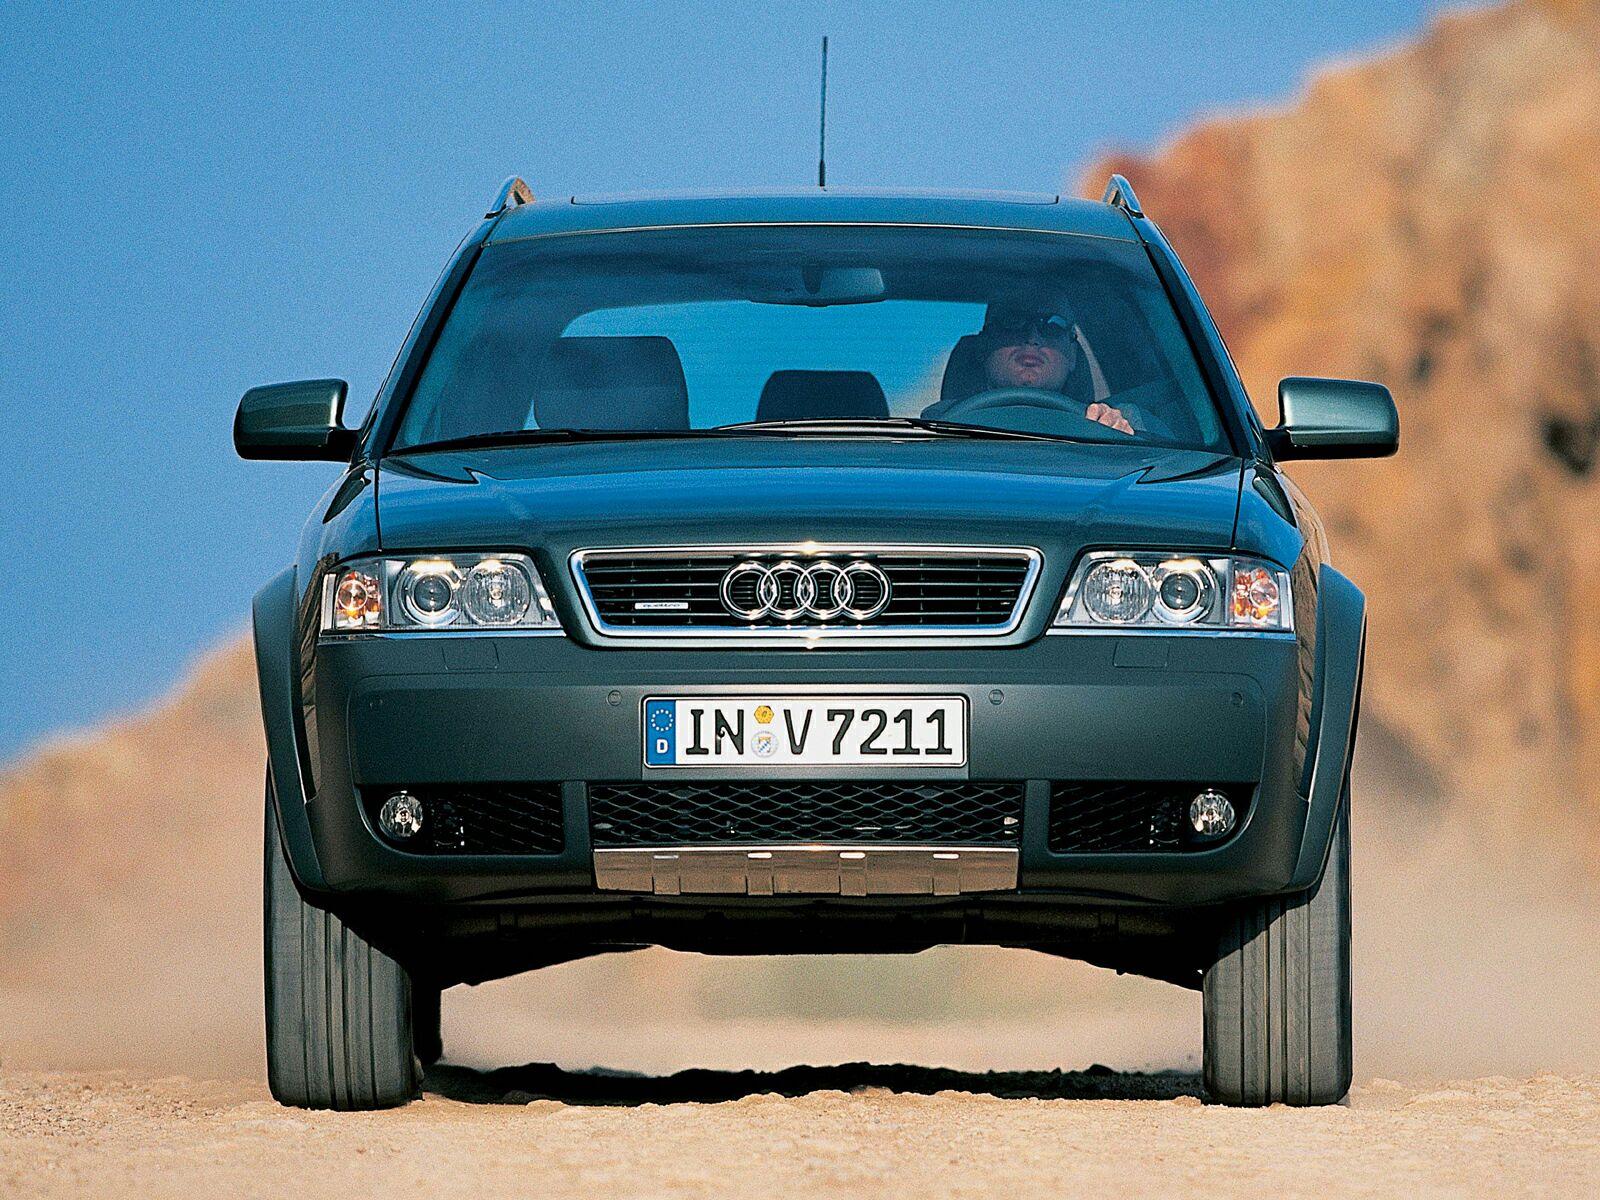 Audi Allroad Specs 2000 2001 2002 2003 2004 2005